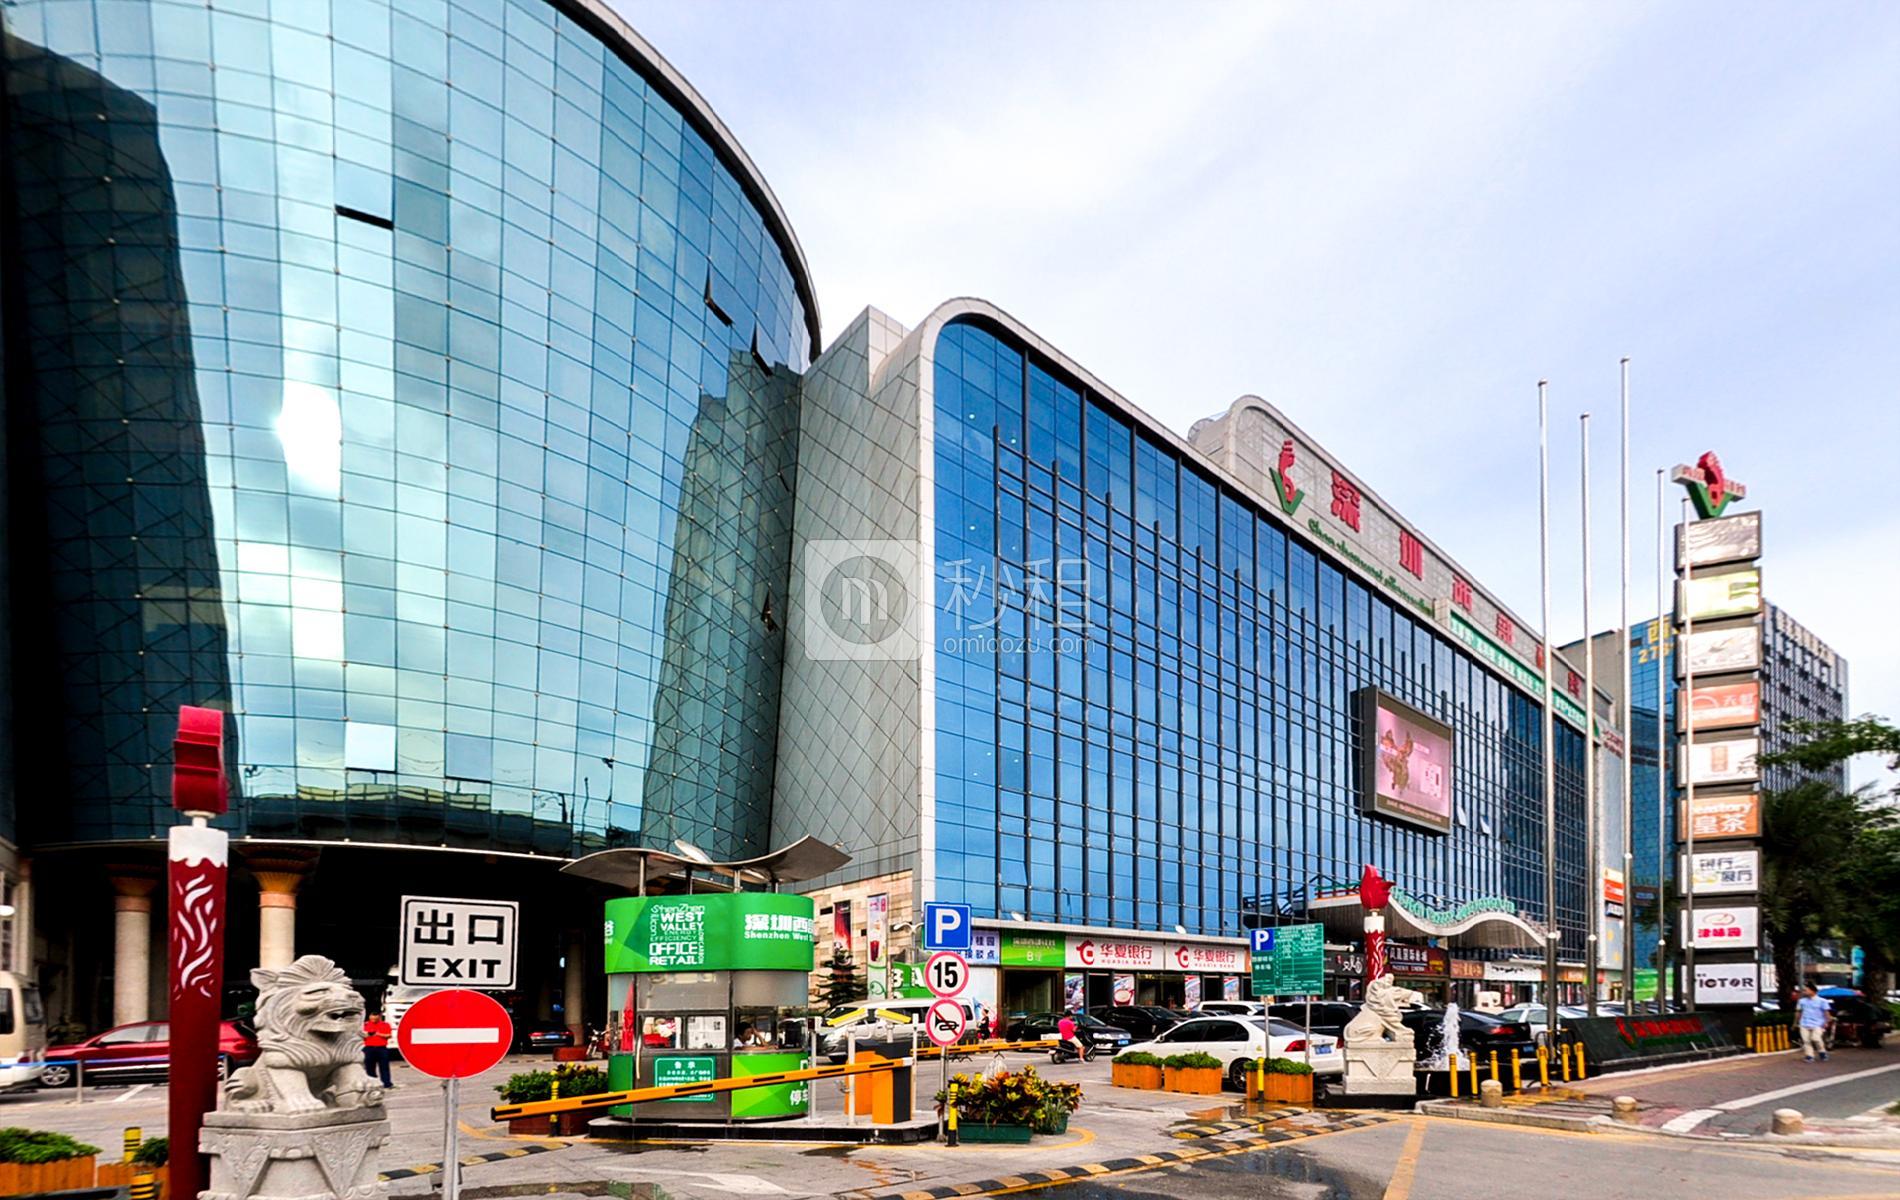 深圳2020年土拍收官,人才安居集团成最大赢家